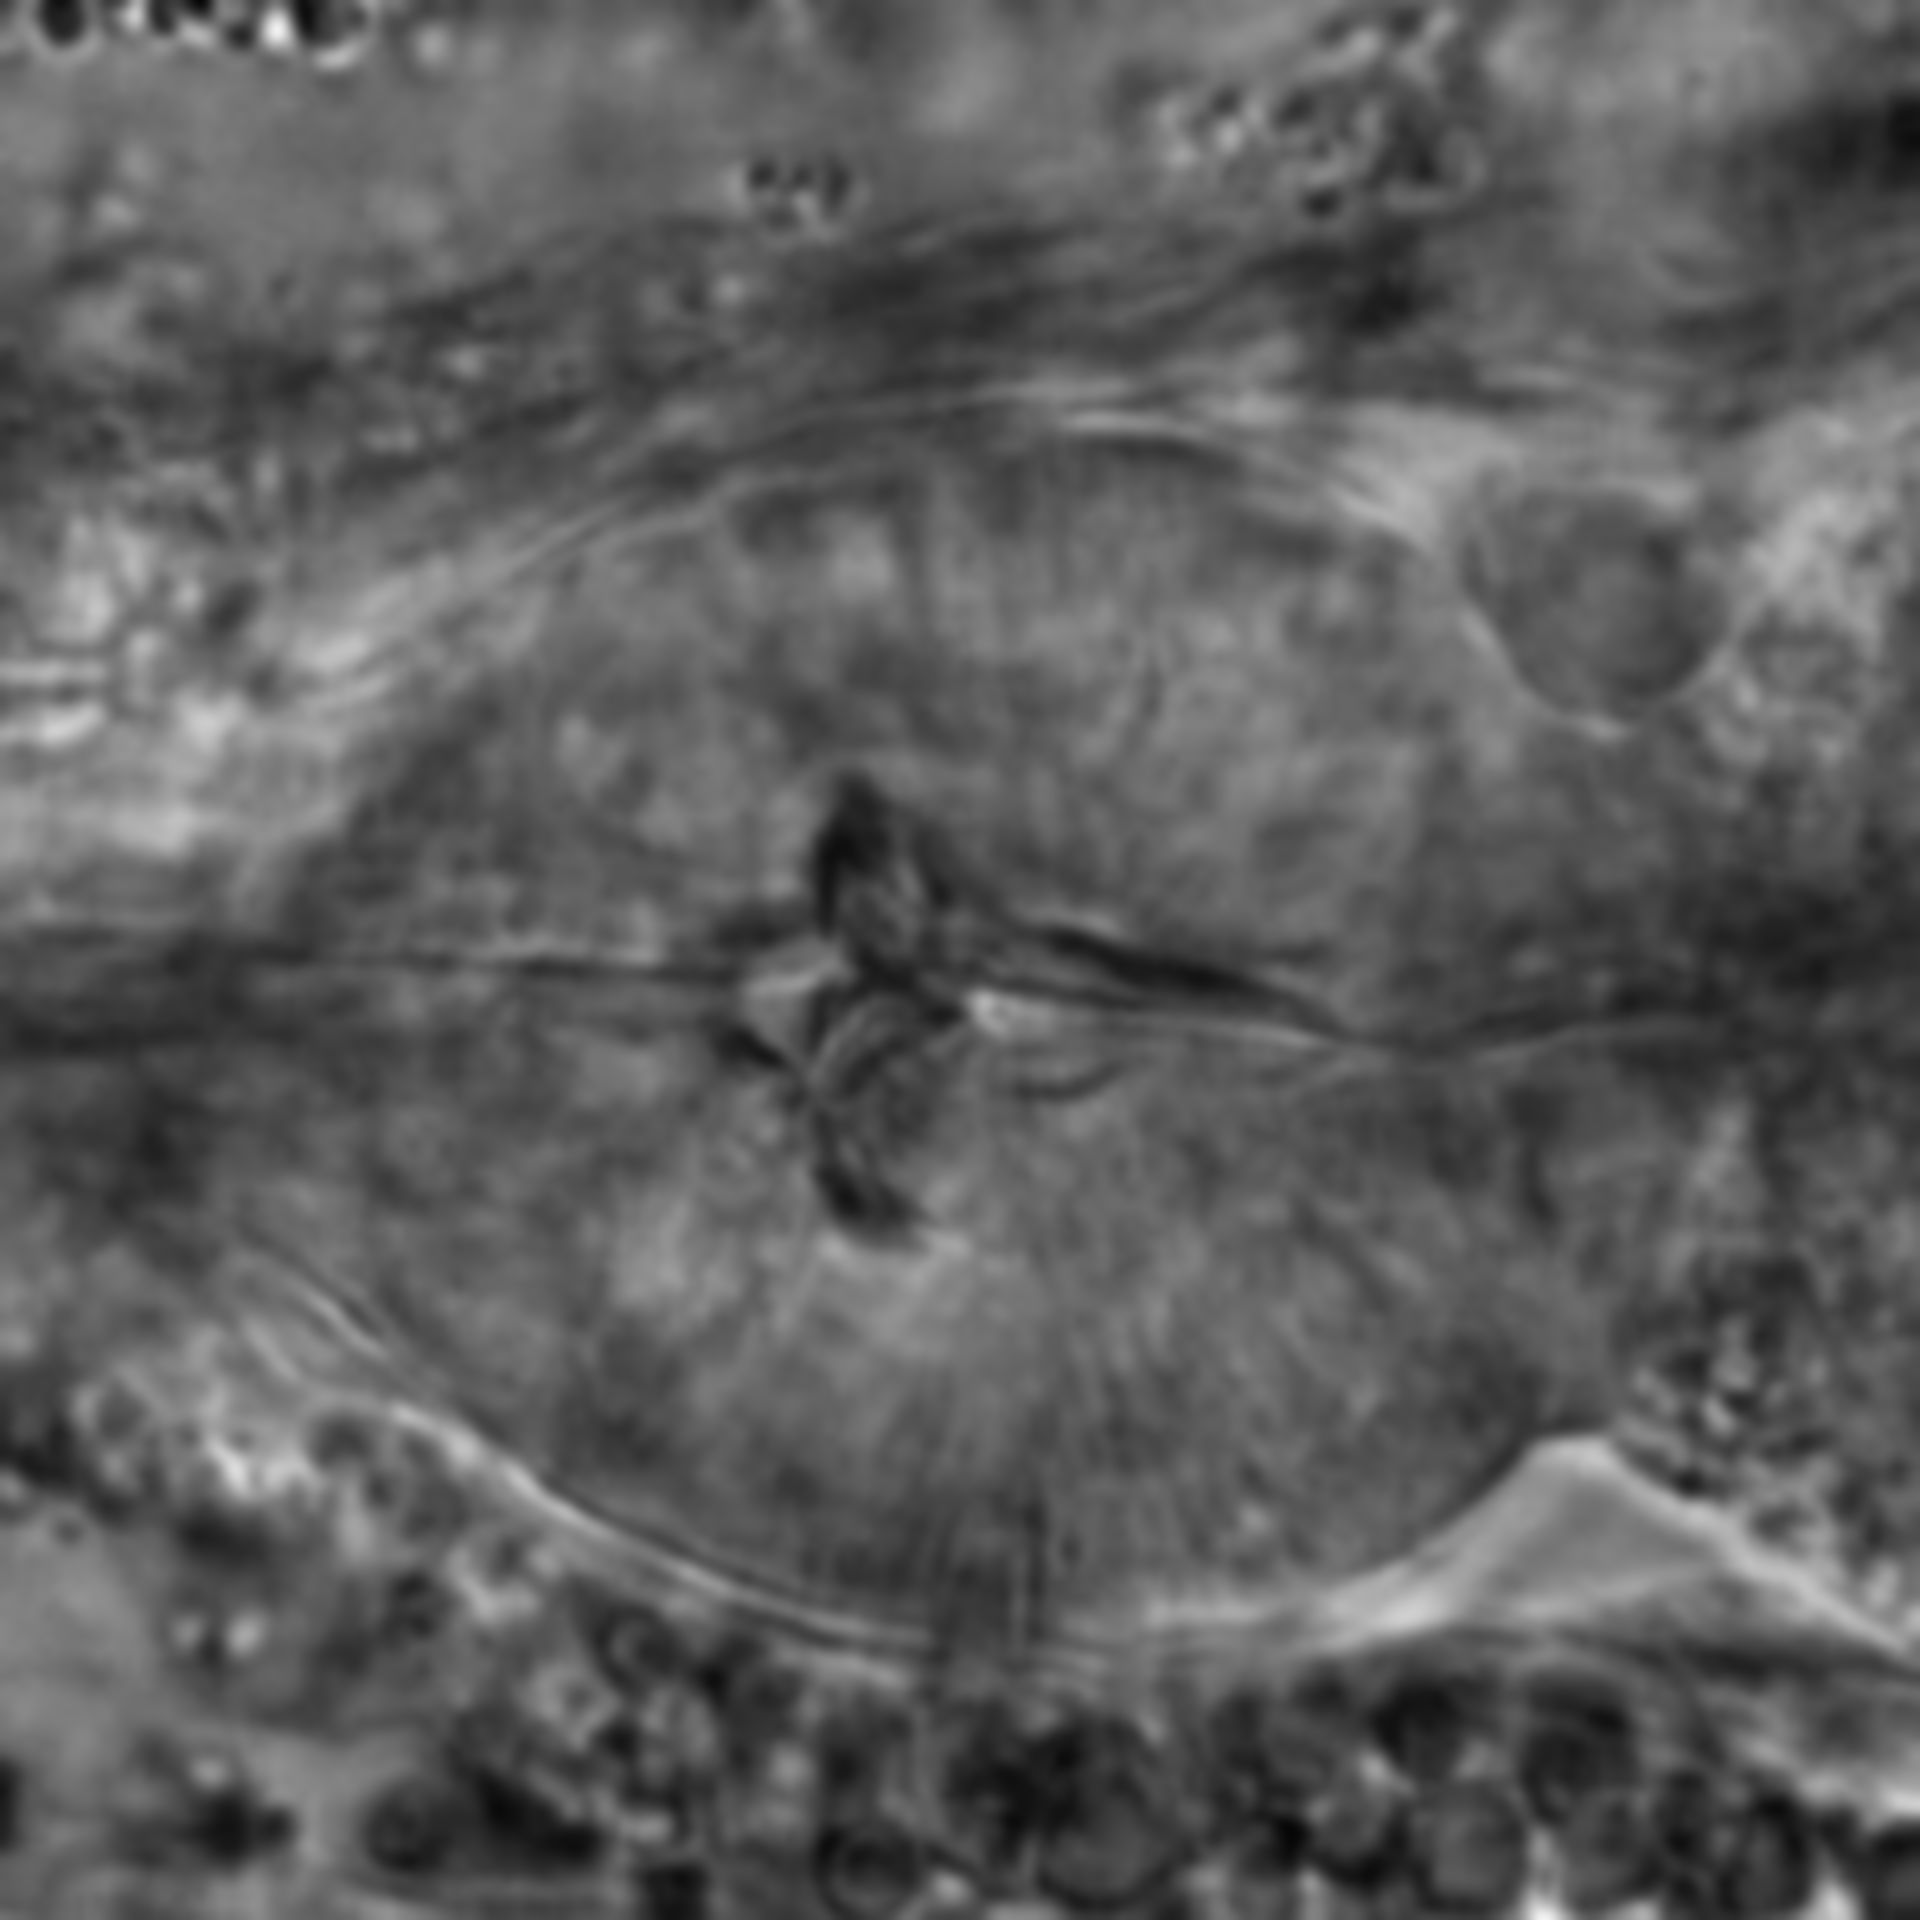 Caenorhabditis elegans - CIL:1707